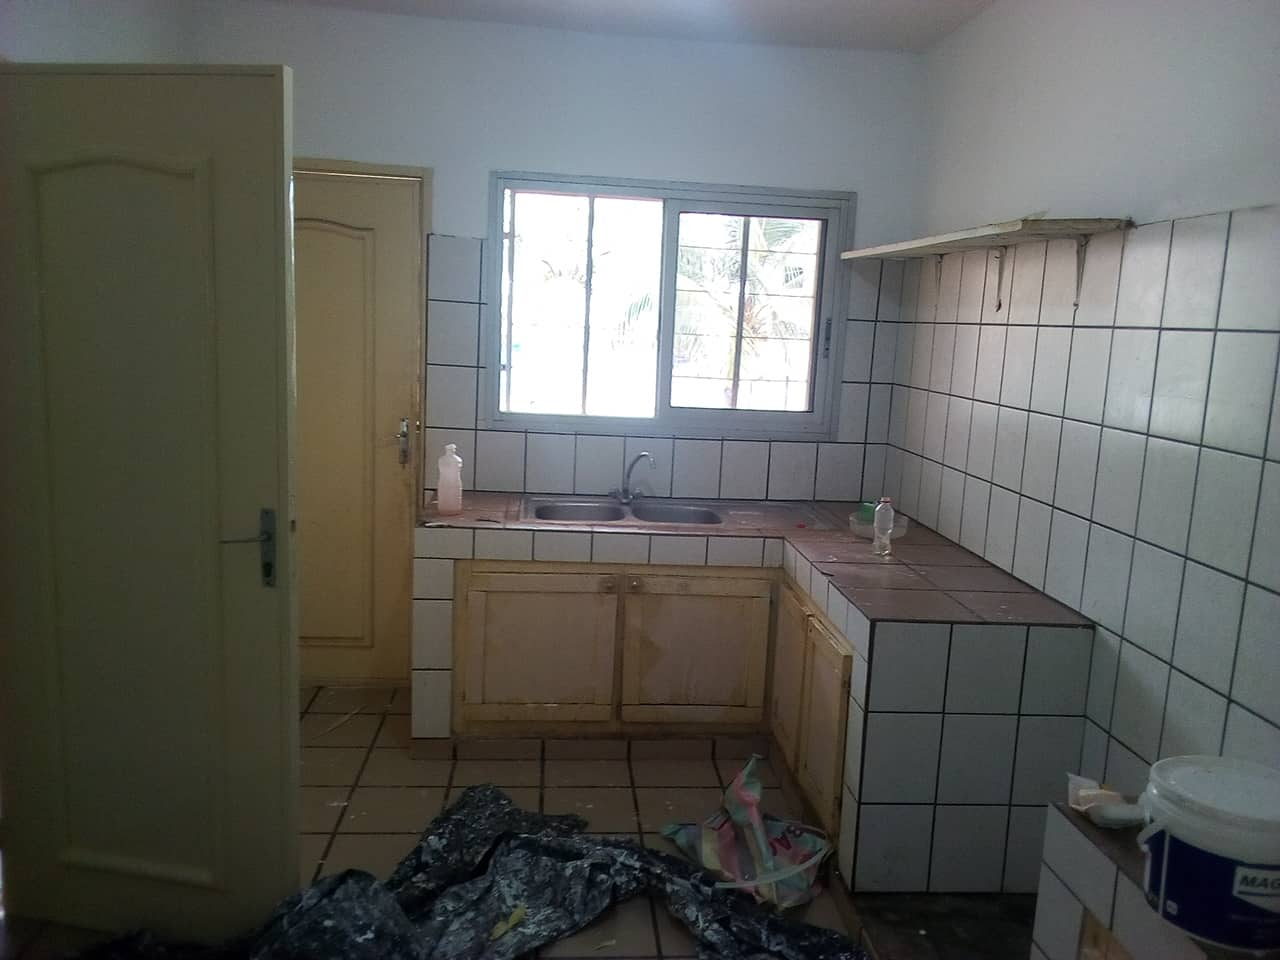 Appartement à louer - Yaoundé, Mfandena, avenue foe - 1 salon(s), 2 chambre(s), 2 salle(s) de bains - 250 000 FCFA / mois